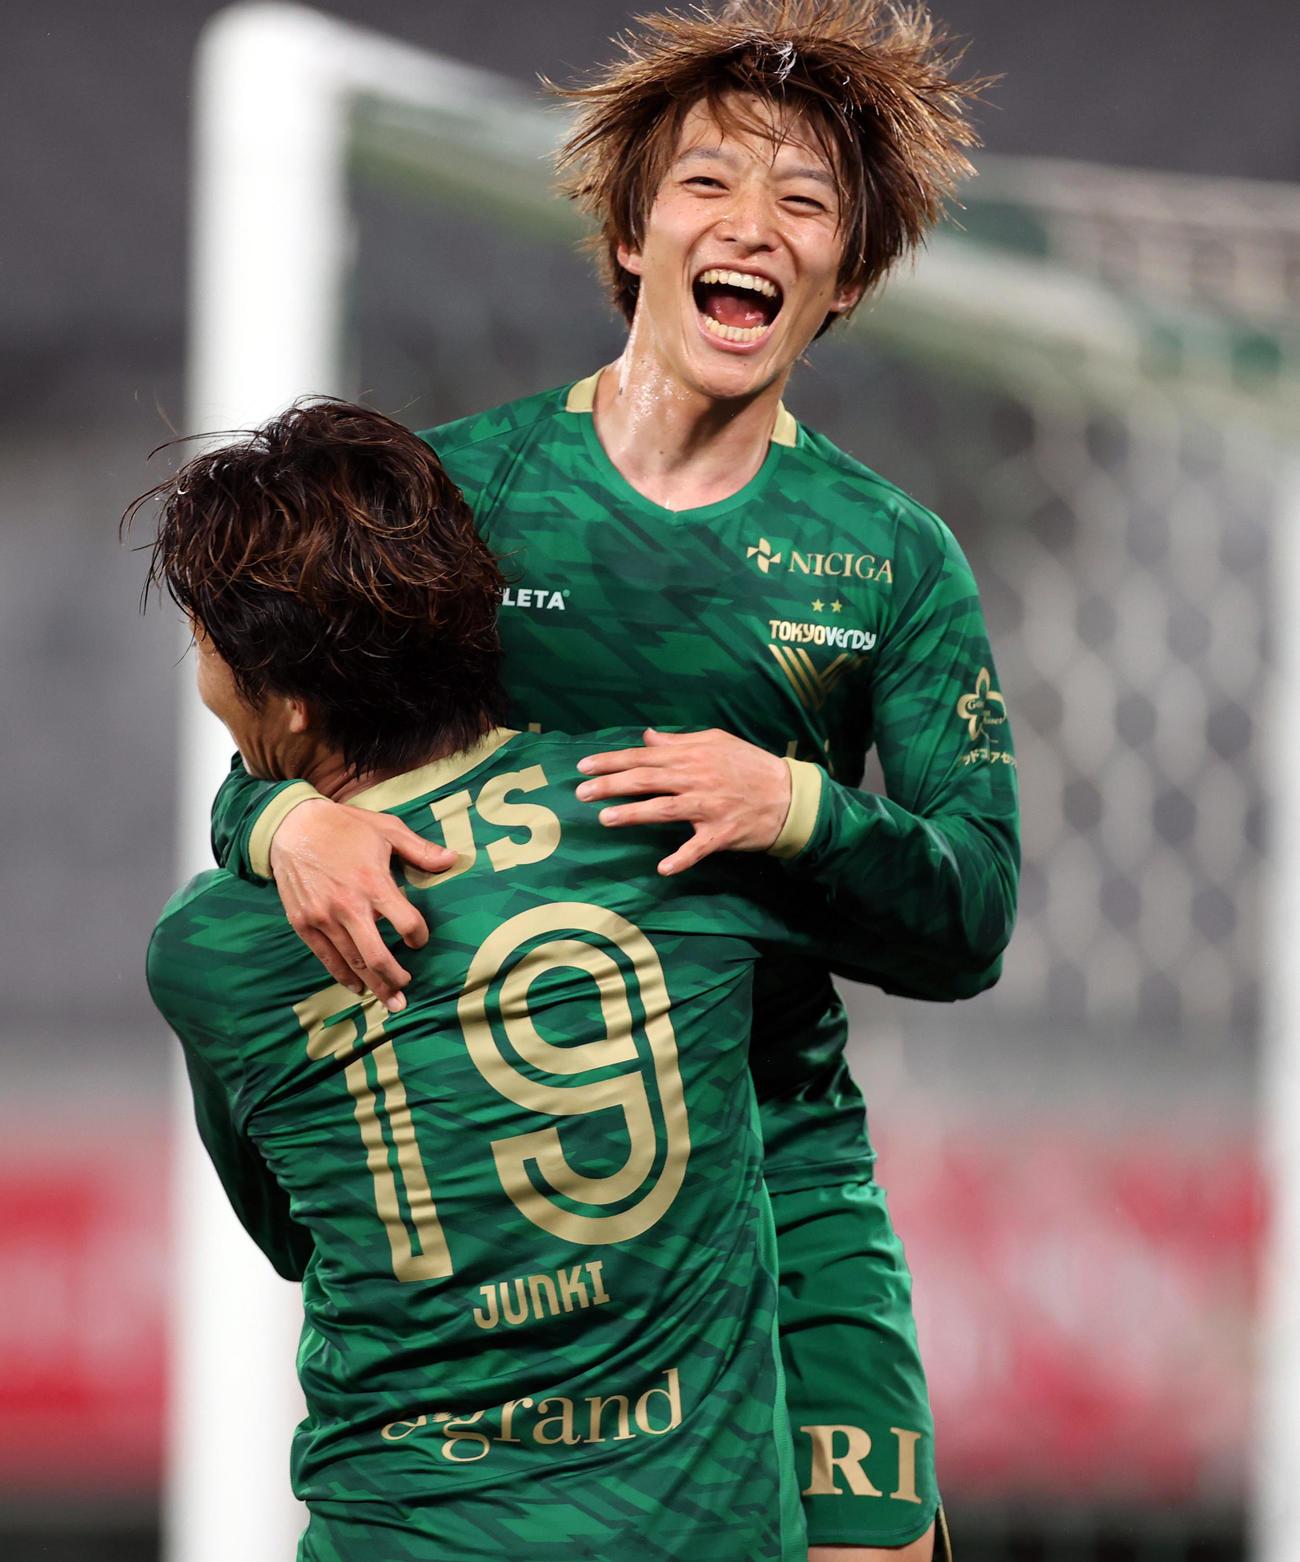 東京V対甲府 後半、この日、2点目のゴールを決める東京V・MF井上(撮影・狩俣裕三)